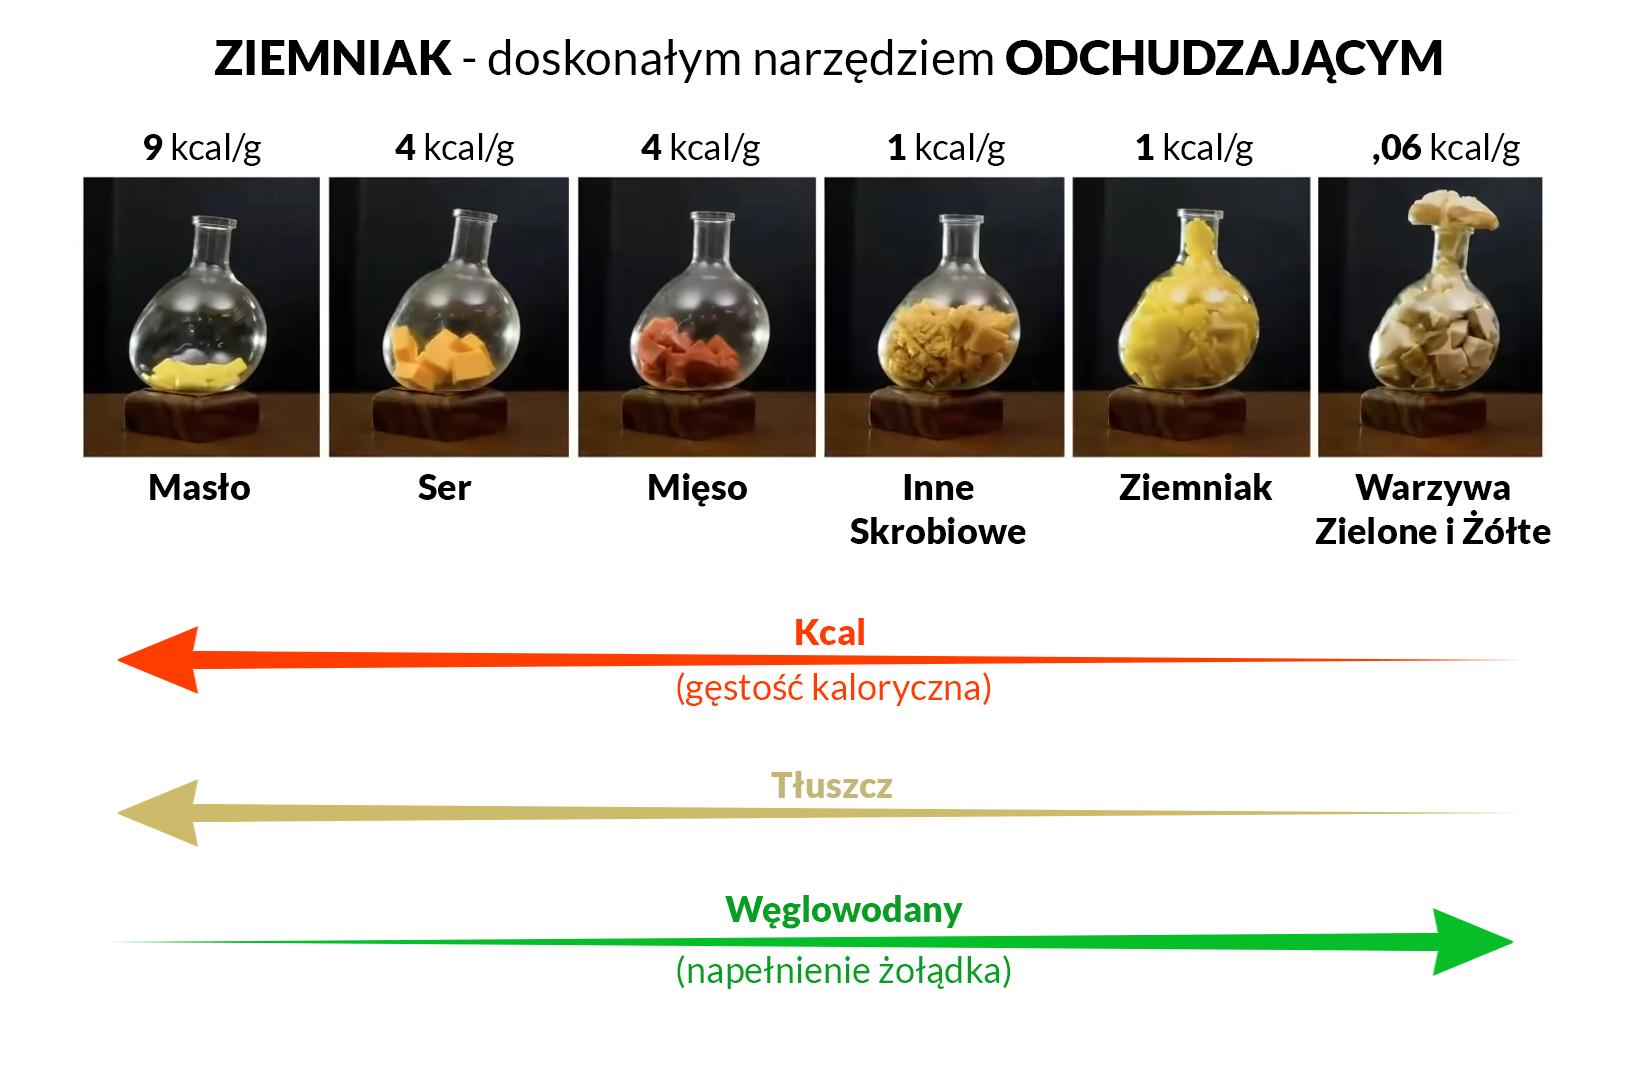 Ziemniak idealnym produktem odchudzającym